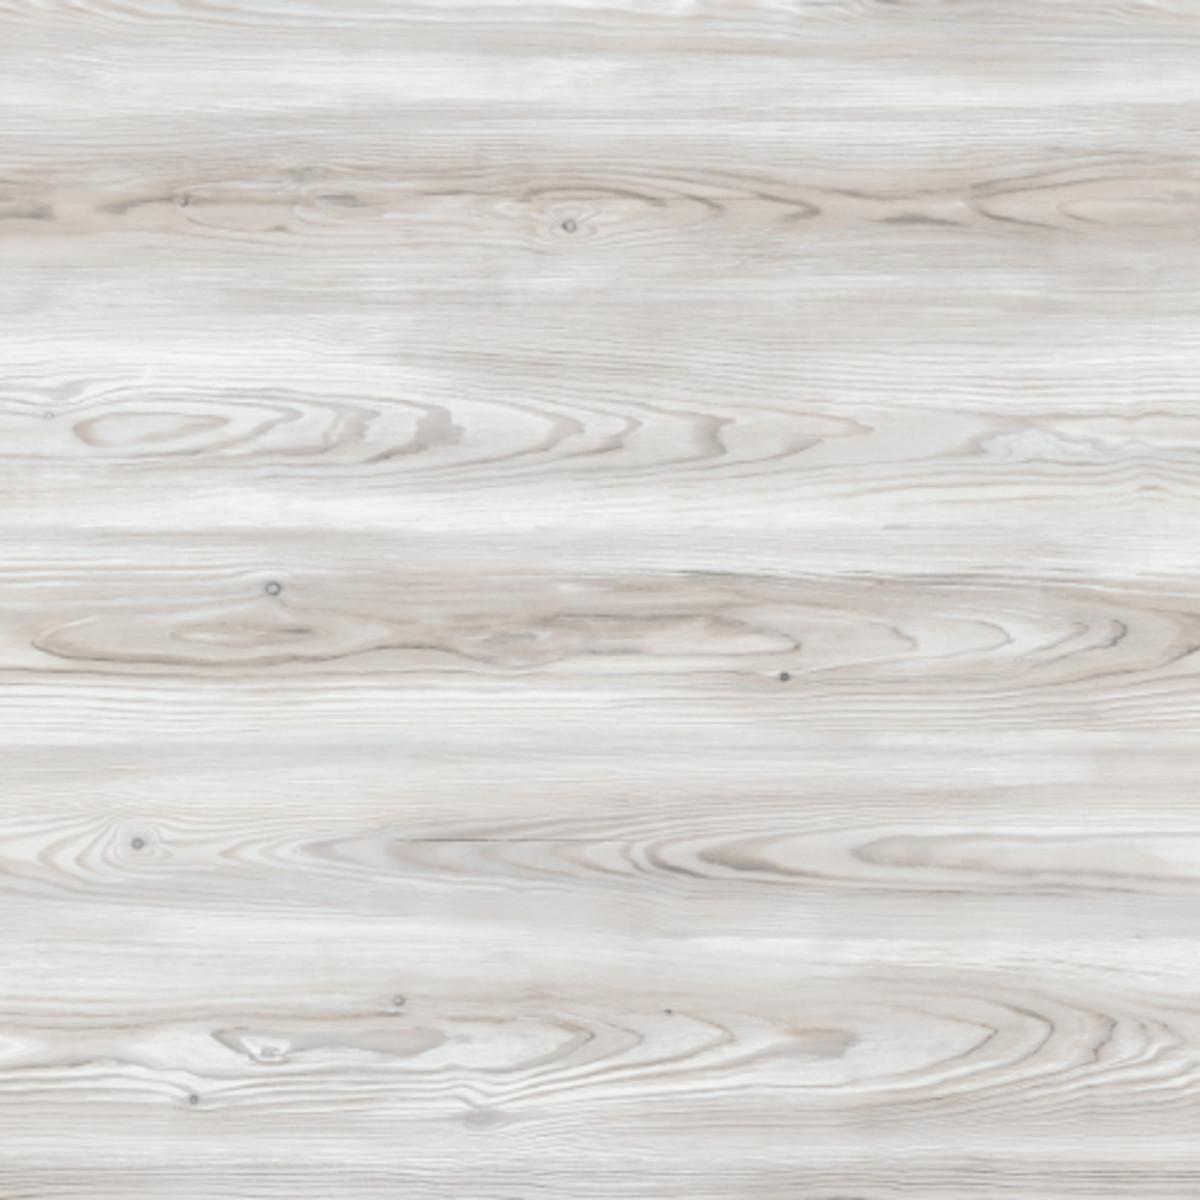 Ламинат Сосна Снежная 32 класс толщина 8 мм 2.131 м²